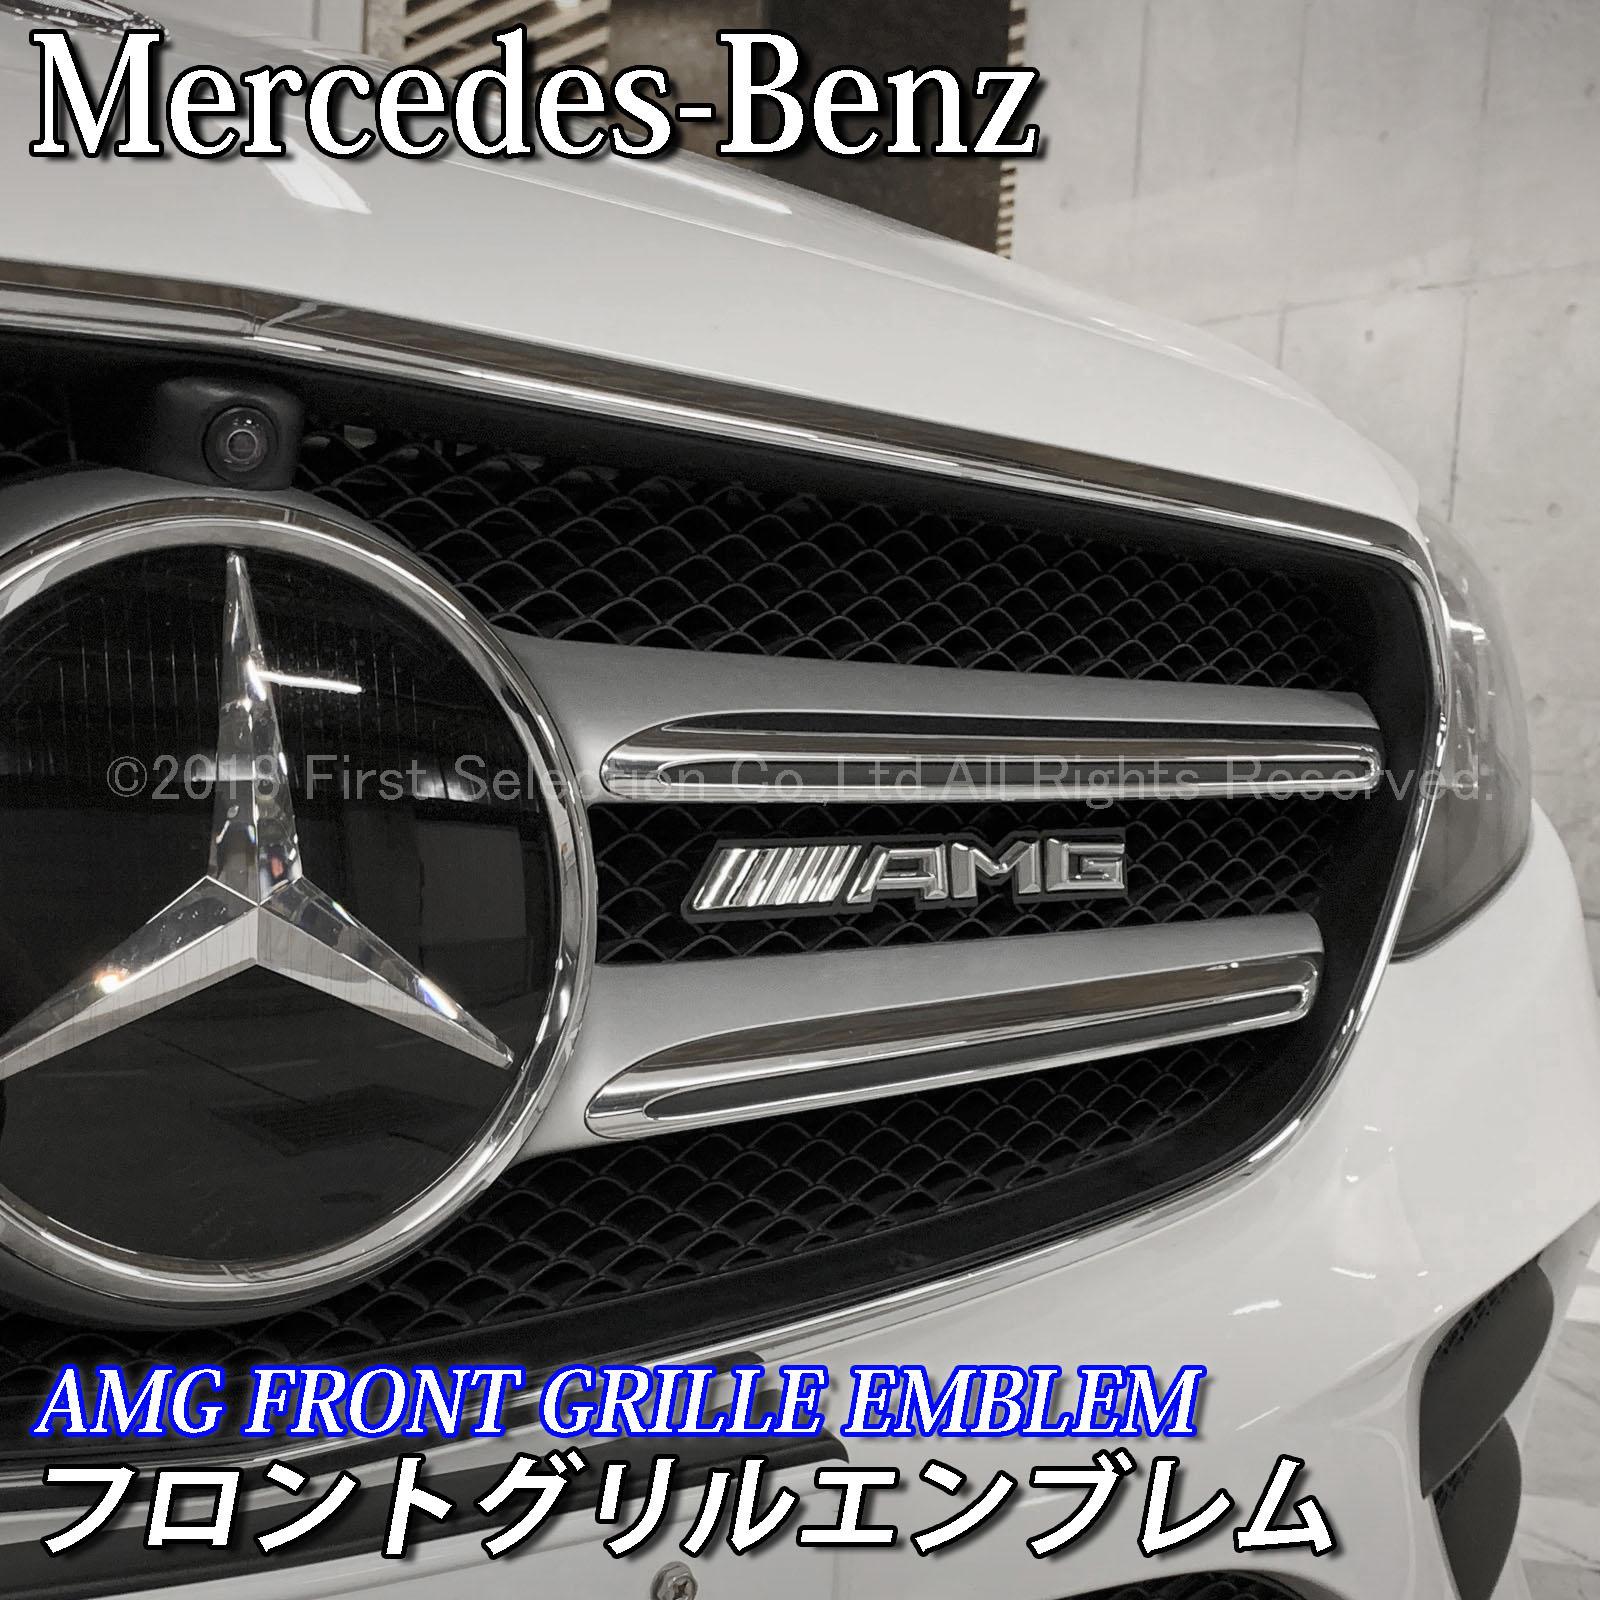 Mercedes-Benz ベンツ用 AMGロゴ 汎用フロントグリルエンブレム W176 W246 W205 S205 W213 S213 W212 S212